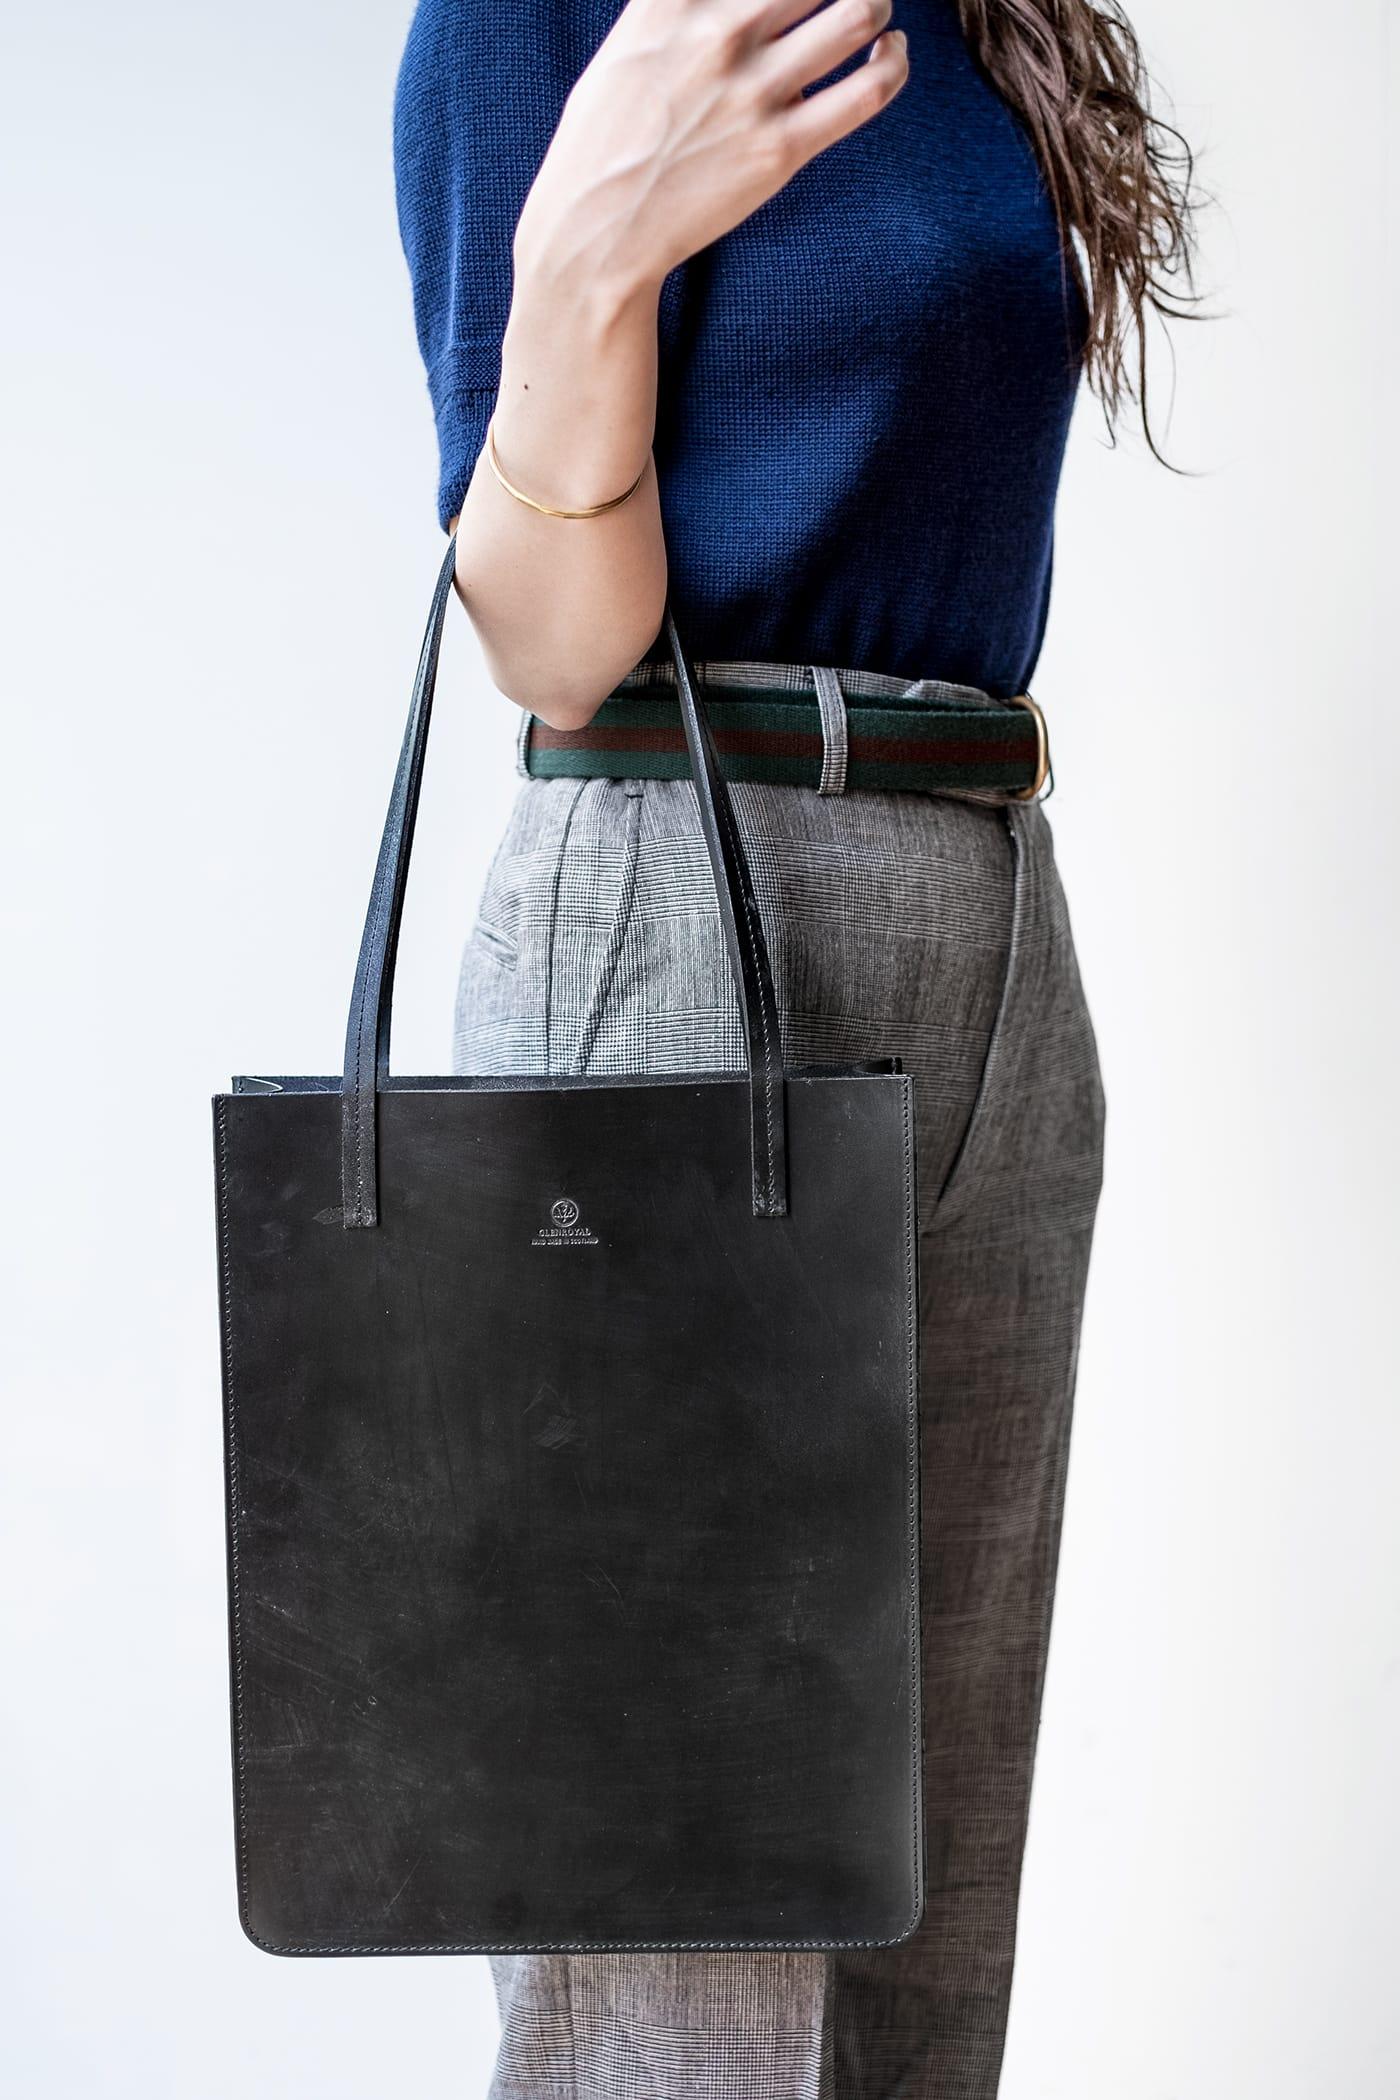 ブリティッシュメイド グレイスコレクションのA4 レザートートバッグには、美しく演出するディテールが満載